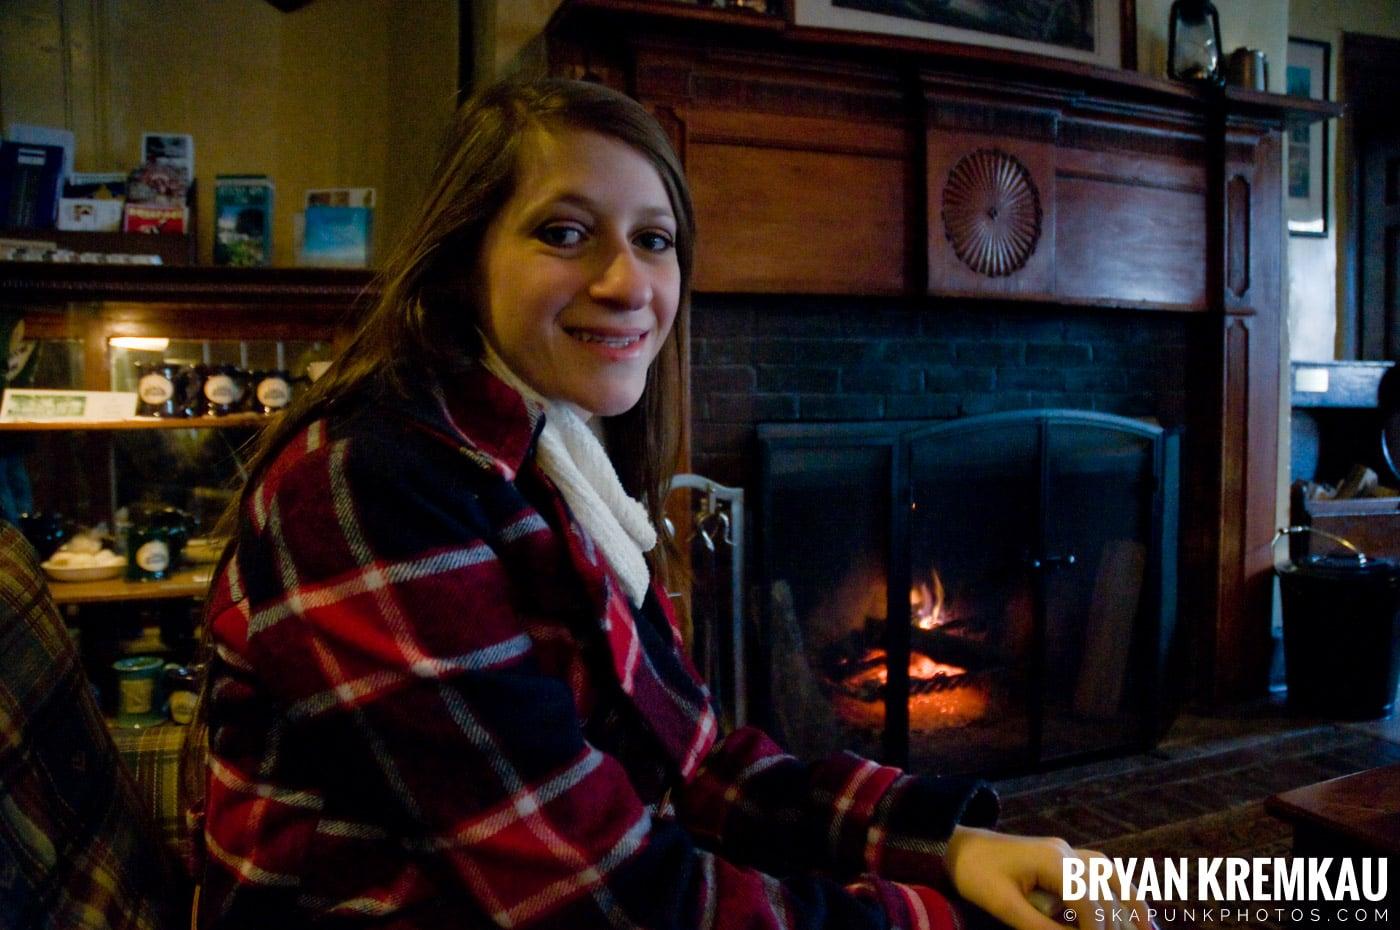 Valentine's Day Trip @ Rhinebeck, FDR's Home, Vanderbilt, Wilderstein Historic Site, NY - 2.14.10 (55)